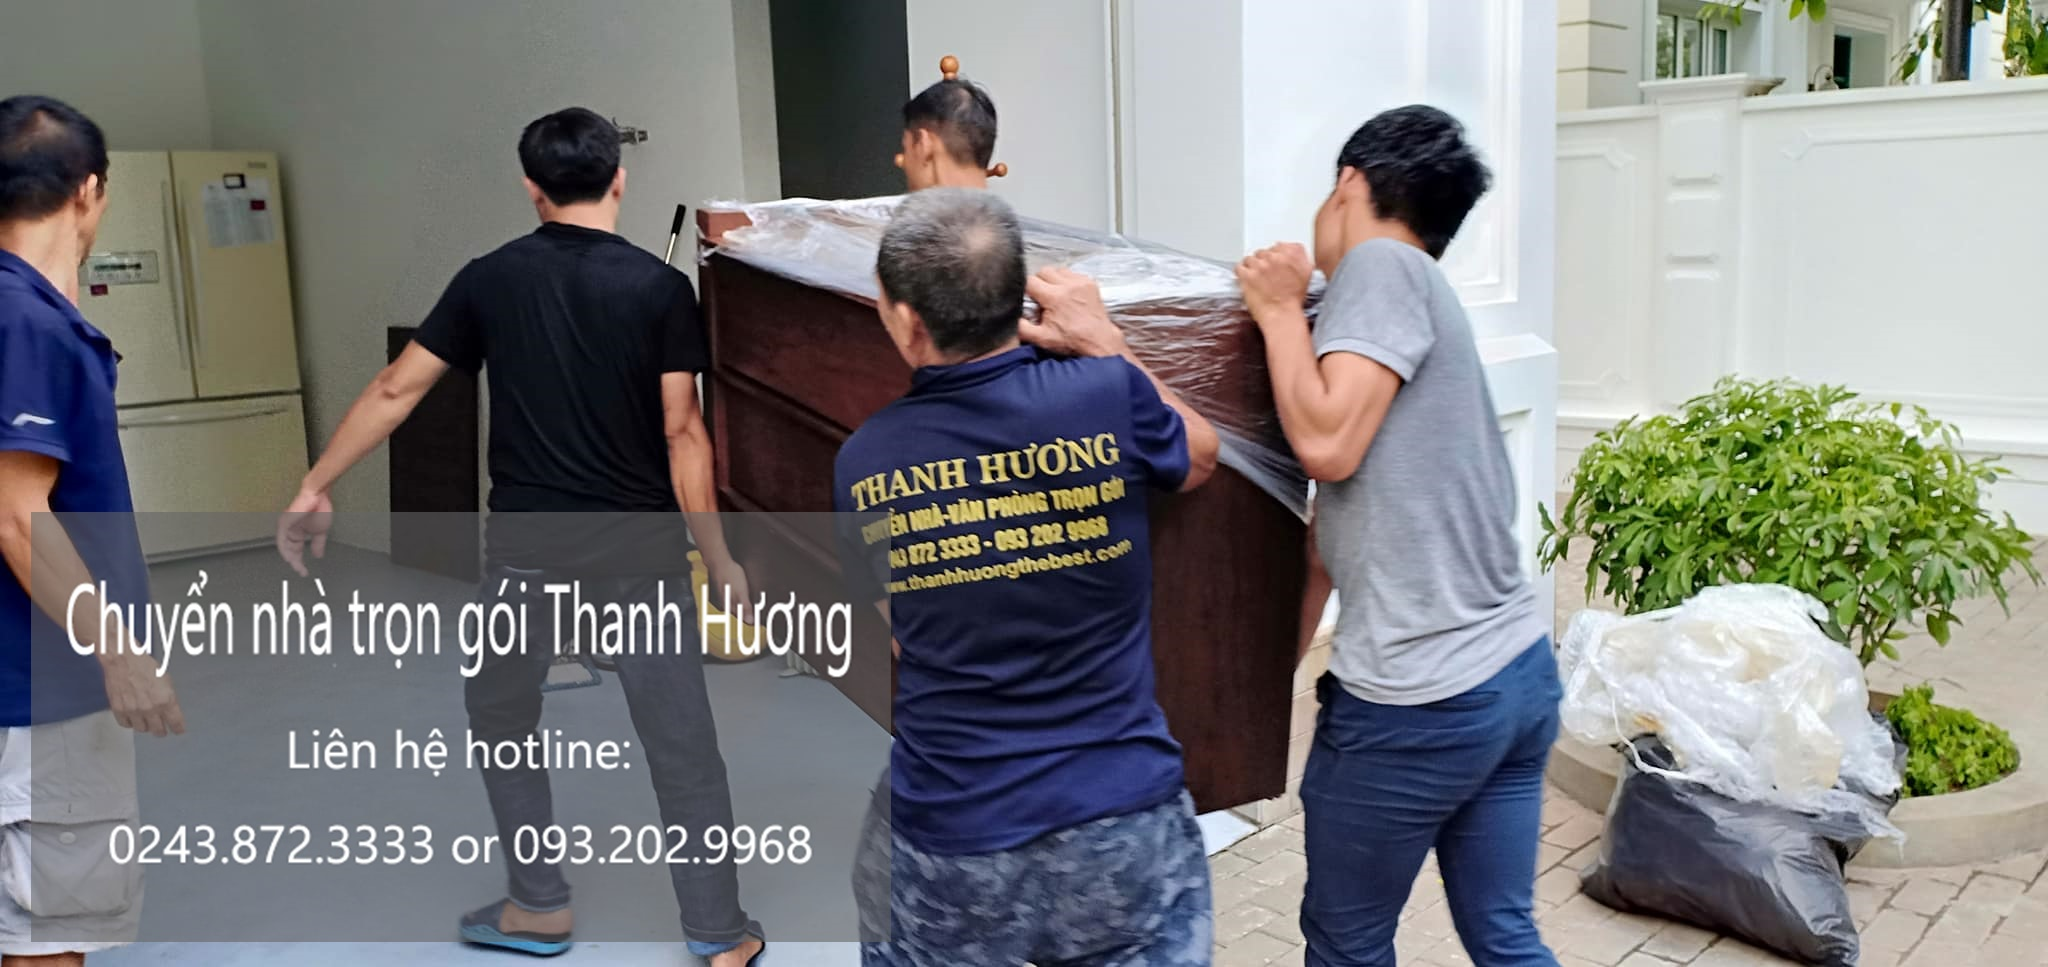 Dịch vụ chuyển nhà từ Hà Nội đi Thái Bình